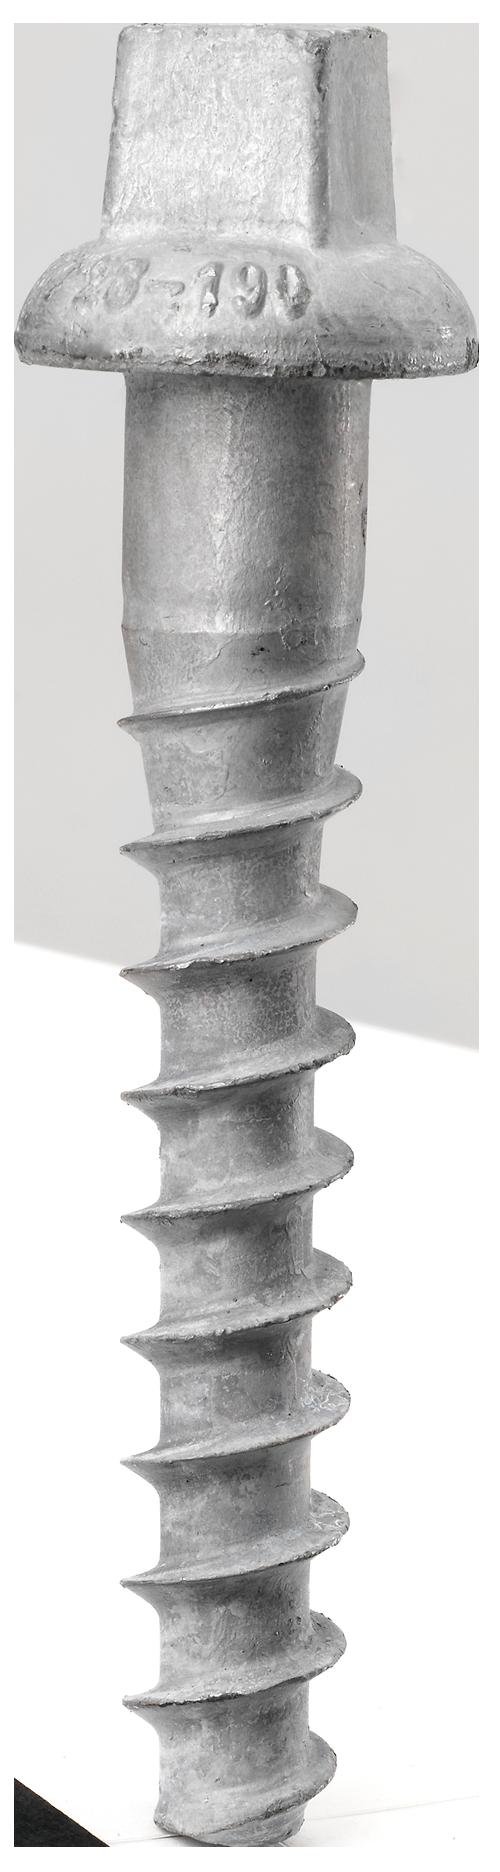 Bout- kraag- vlak/rond onder kop- 23*170mm